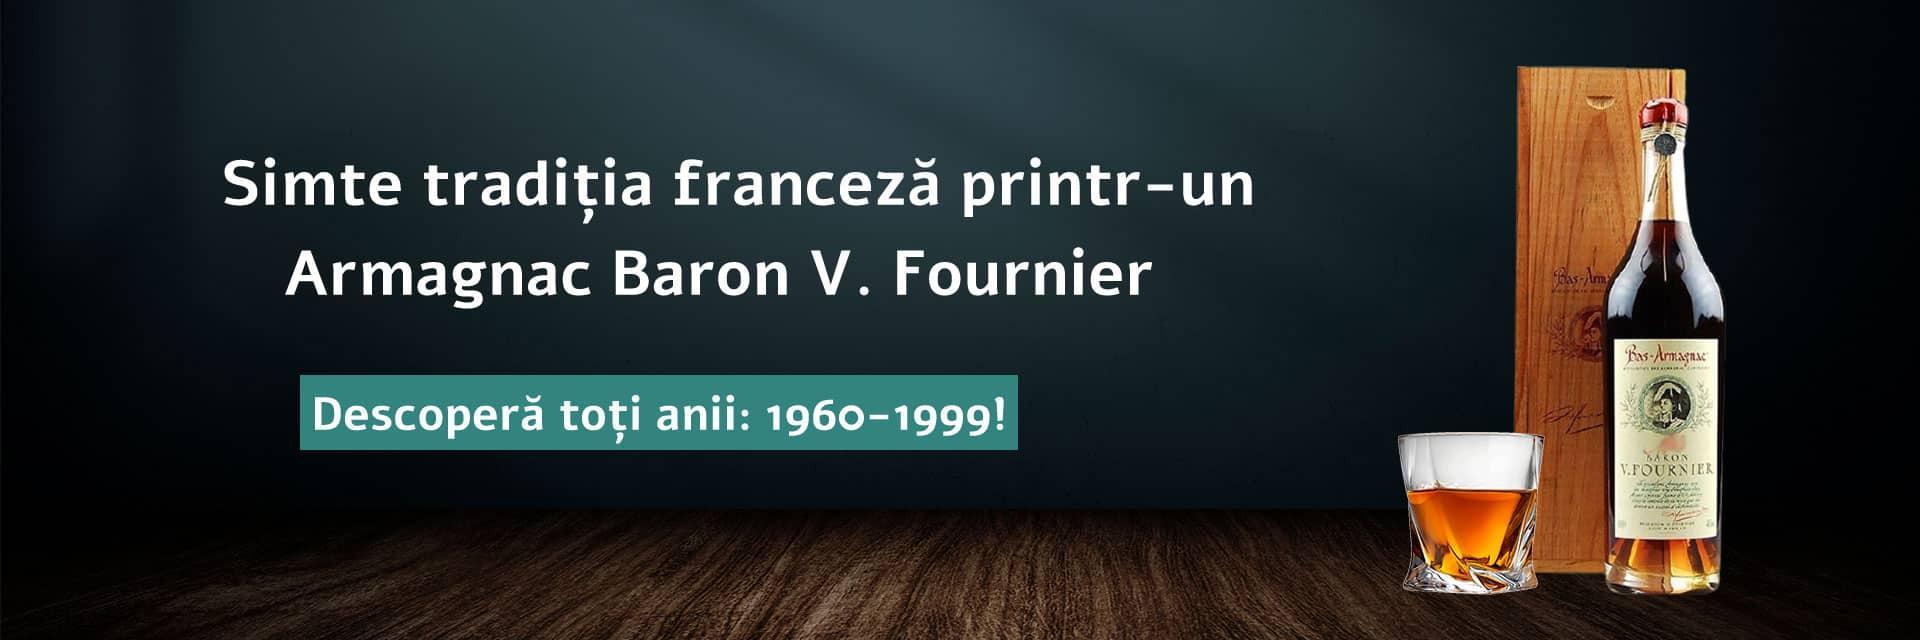 Armagnac Baron F